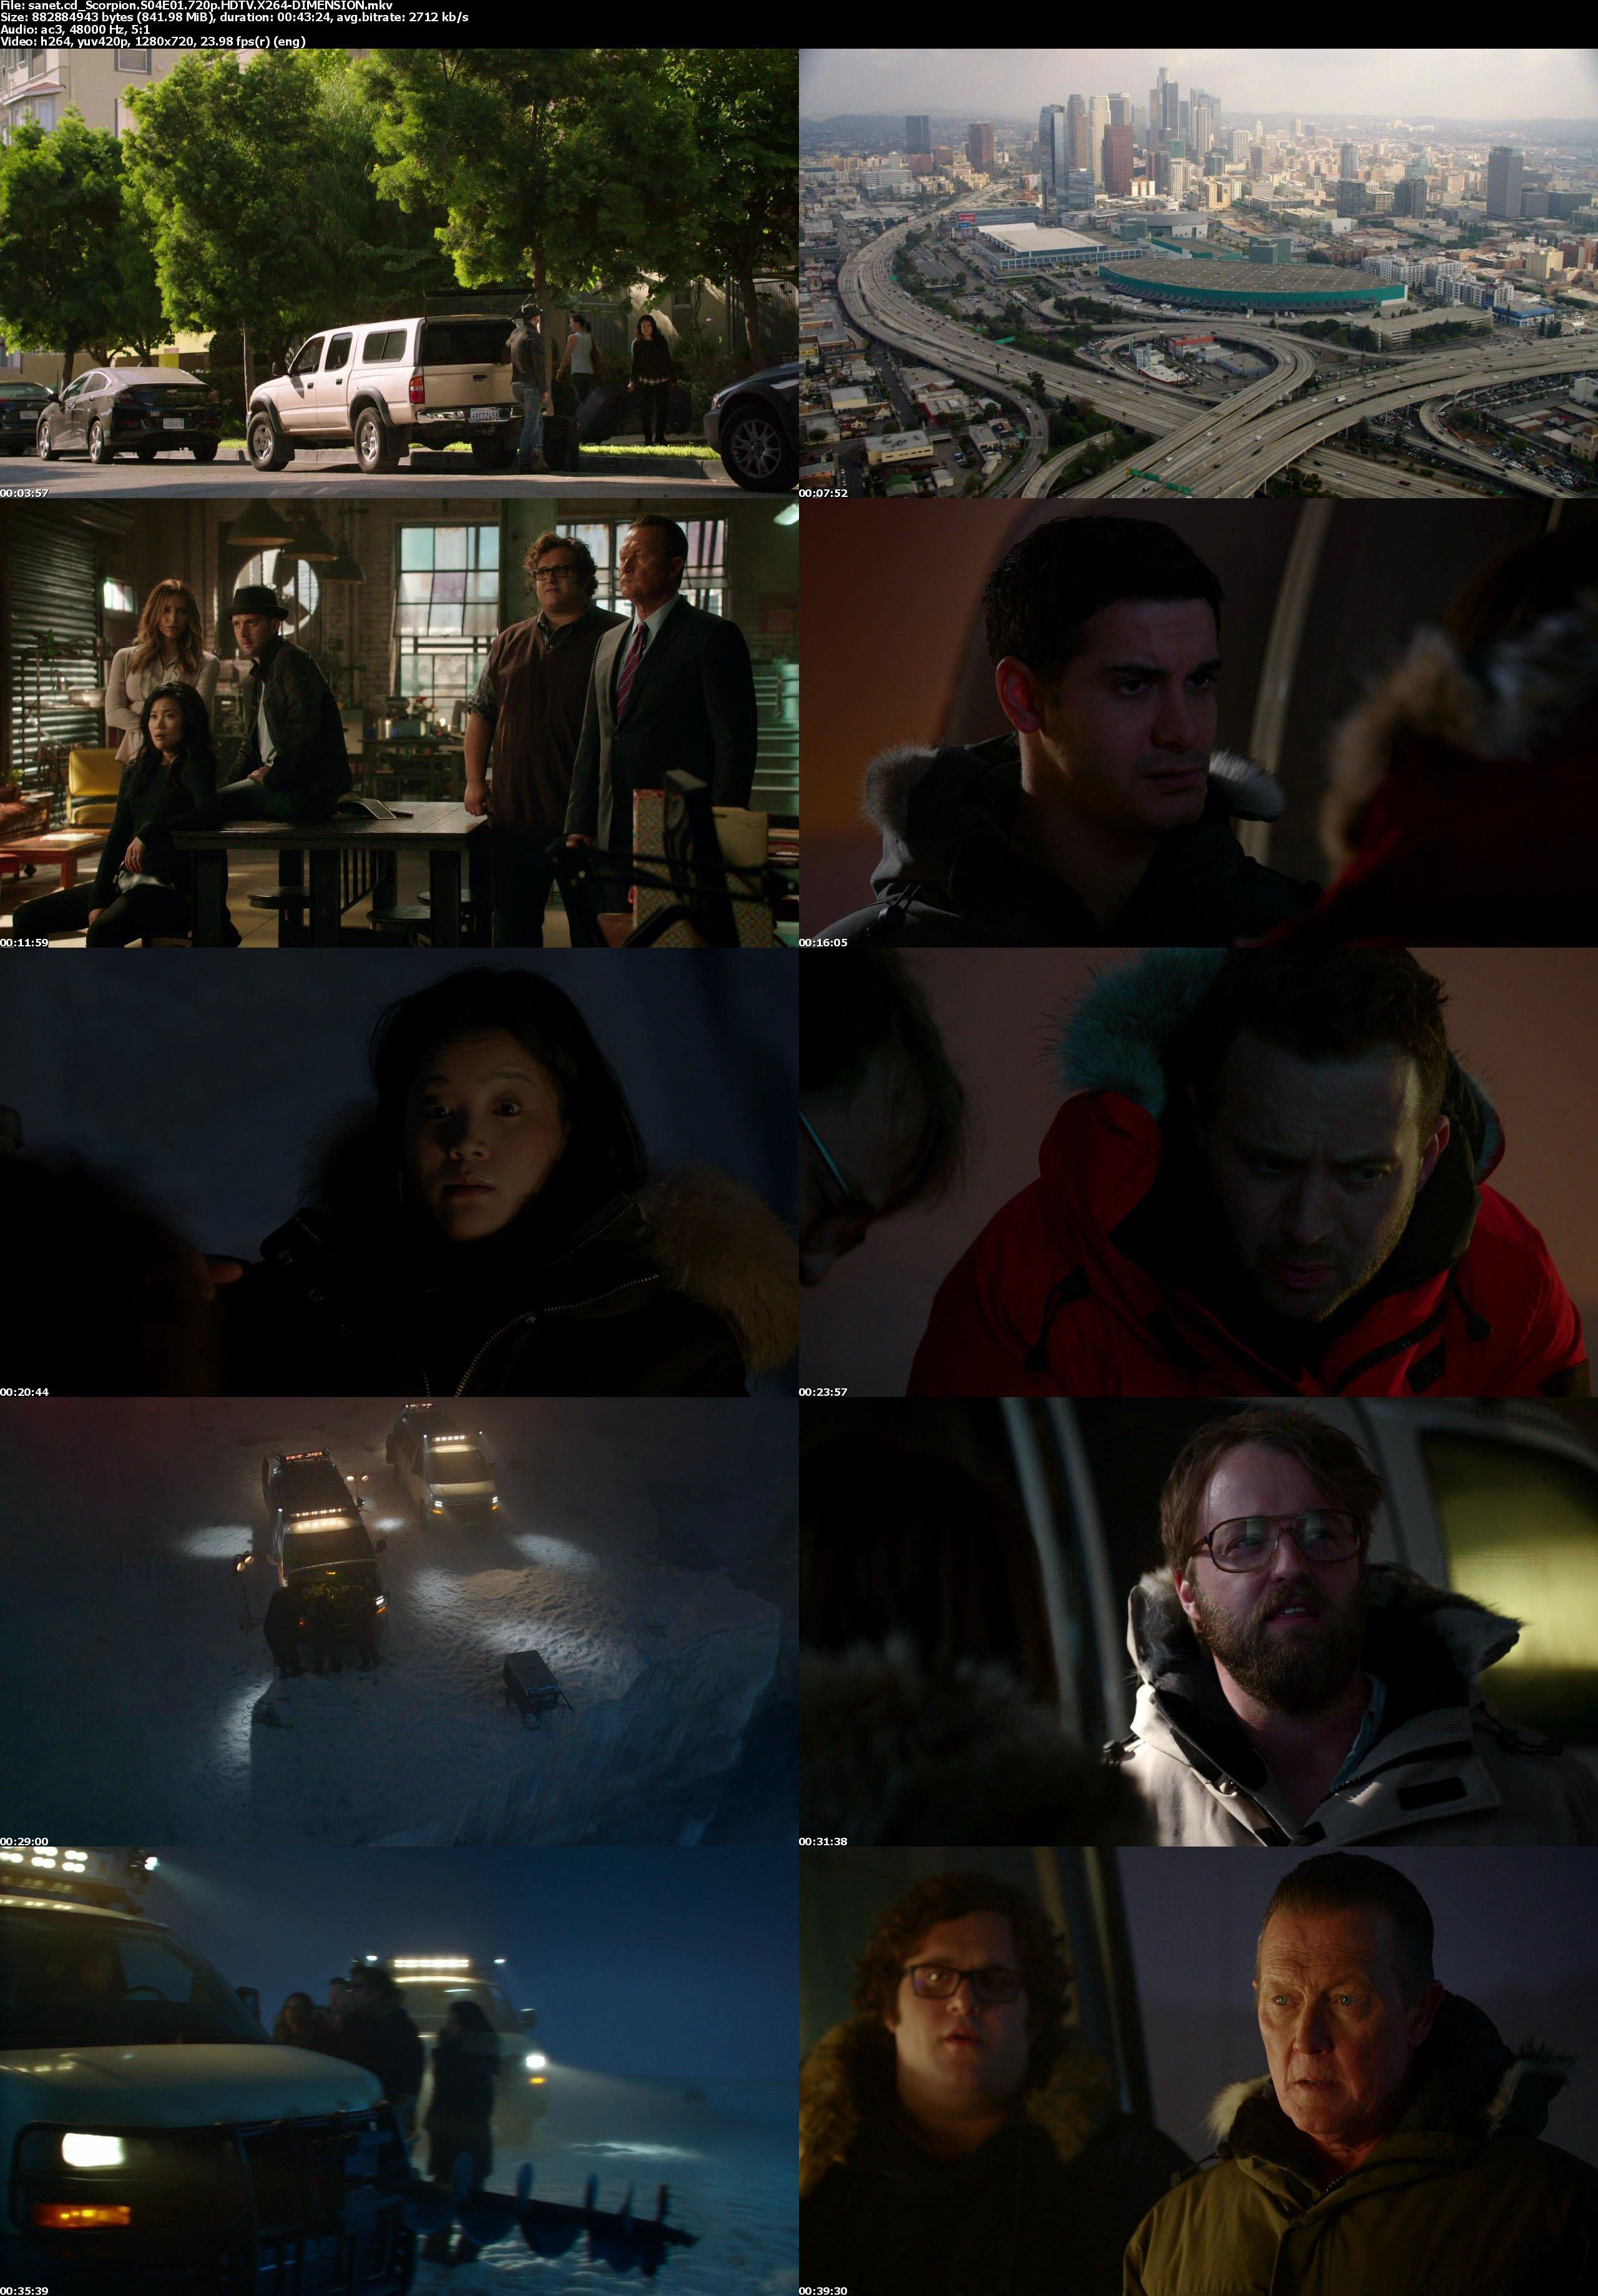 24 S09E11 720p HDTV X264-DIMENSION - SceneSource